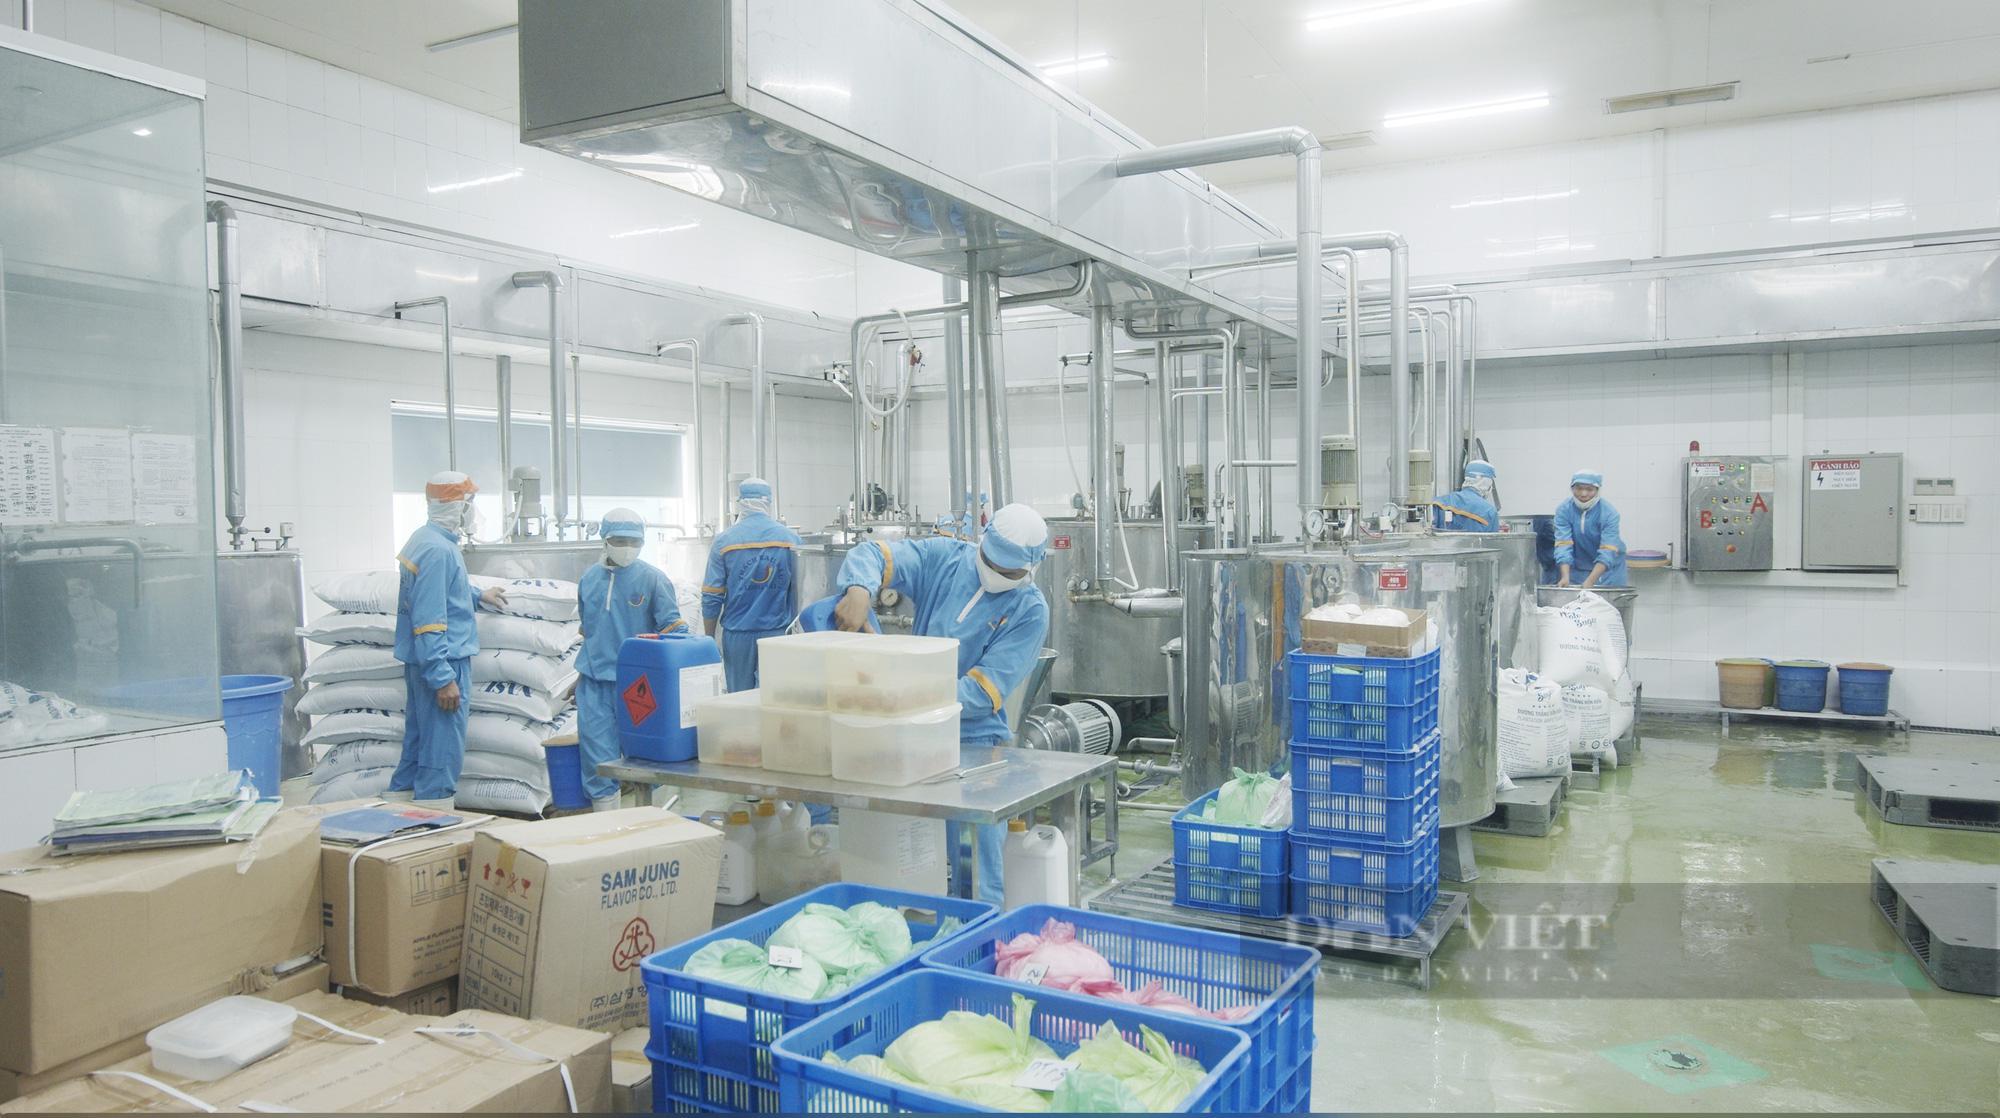 Hải Dương: Công ty Long Hải vượt khó, ổn định đời sống người lao động trước bão dịch Covid-19